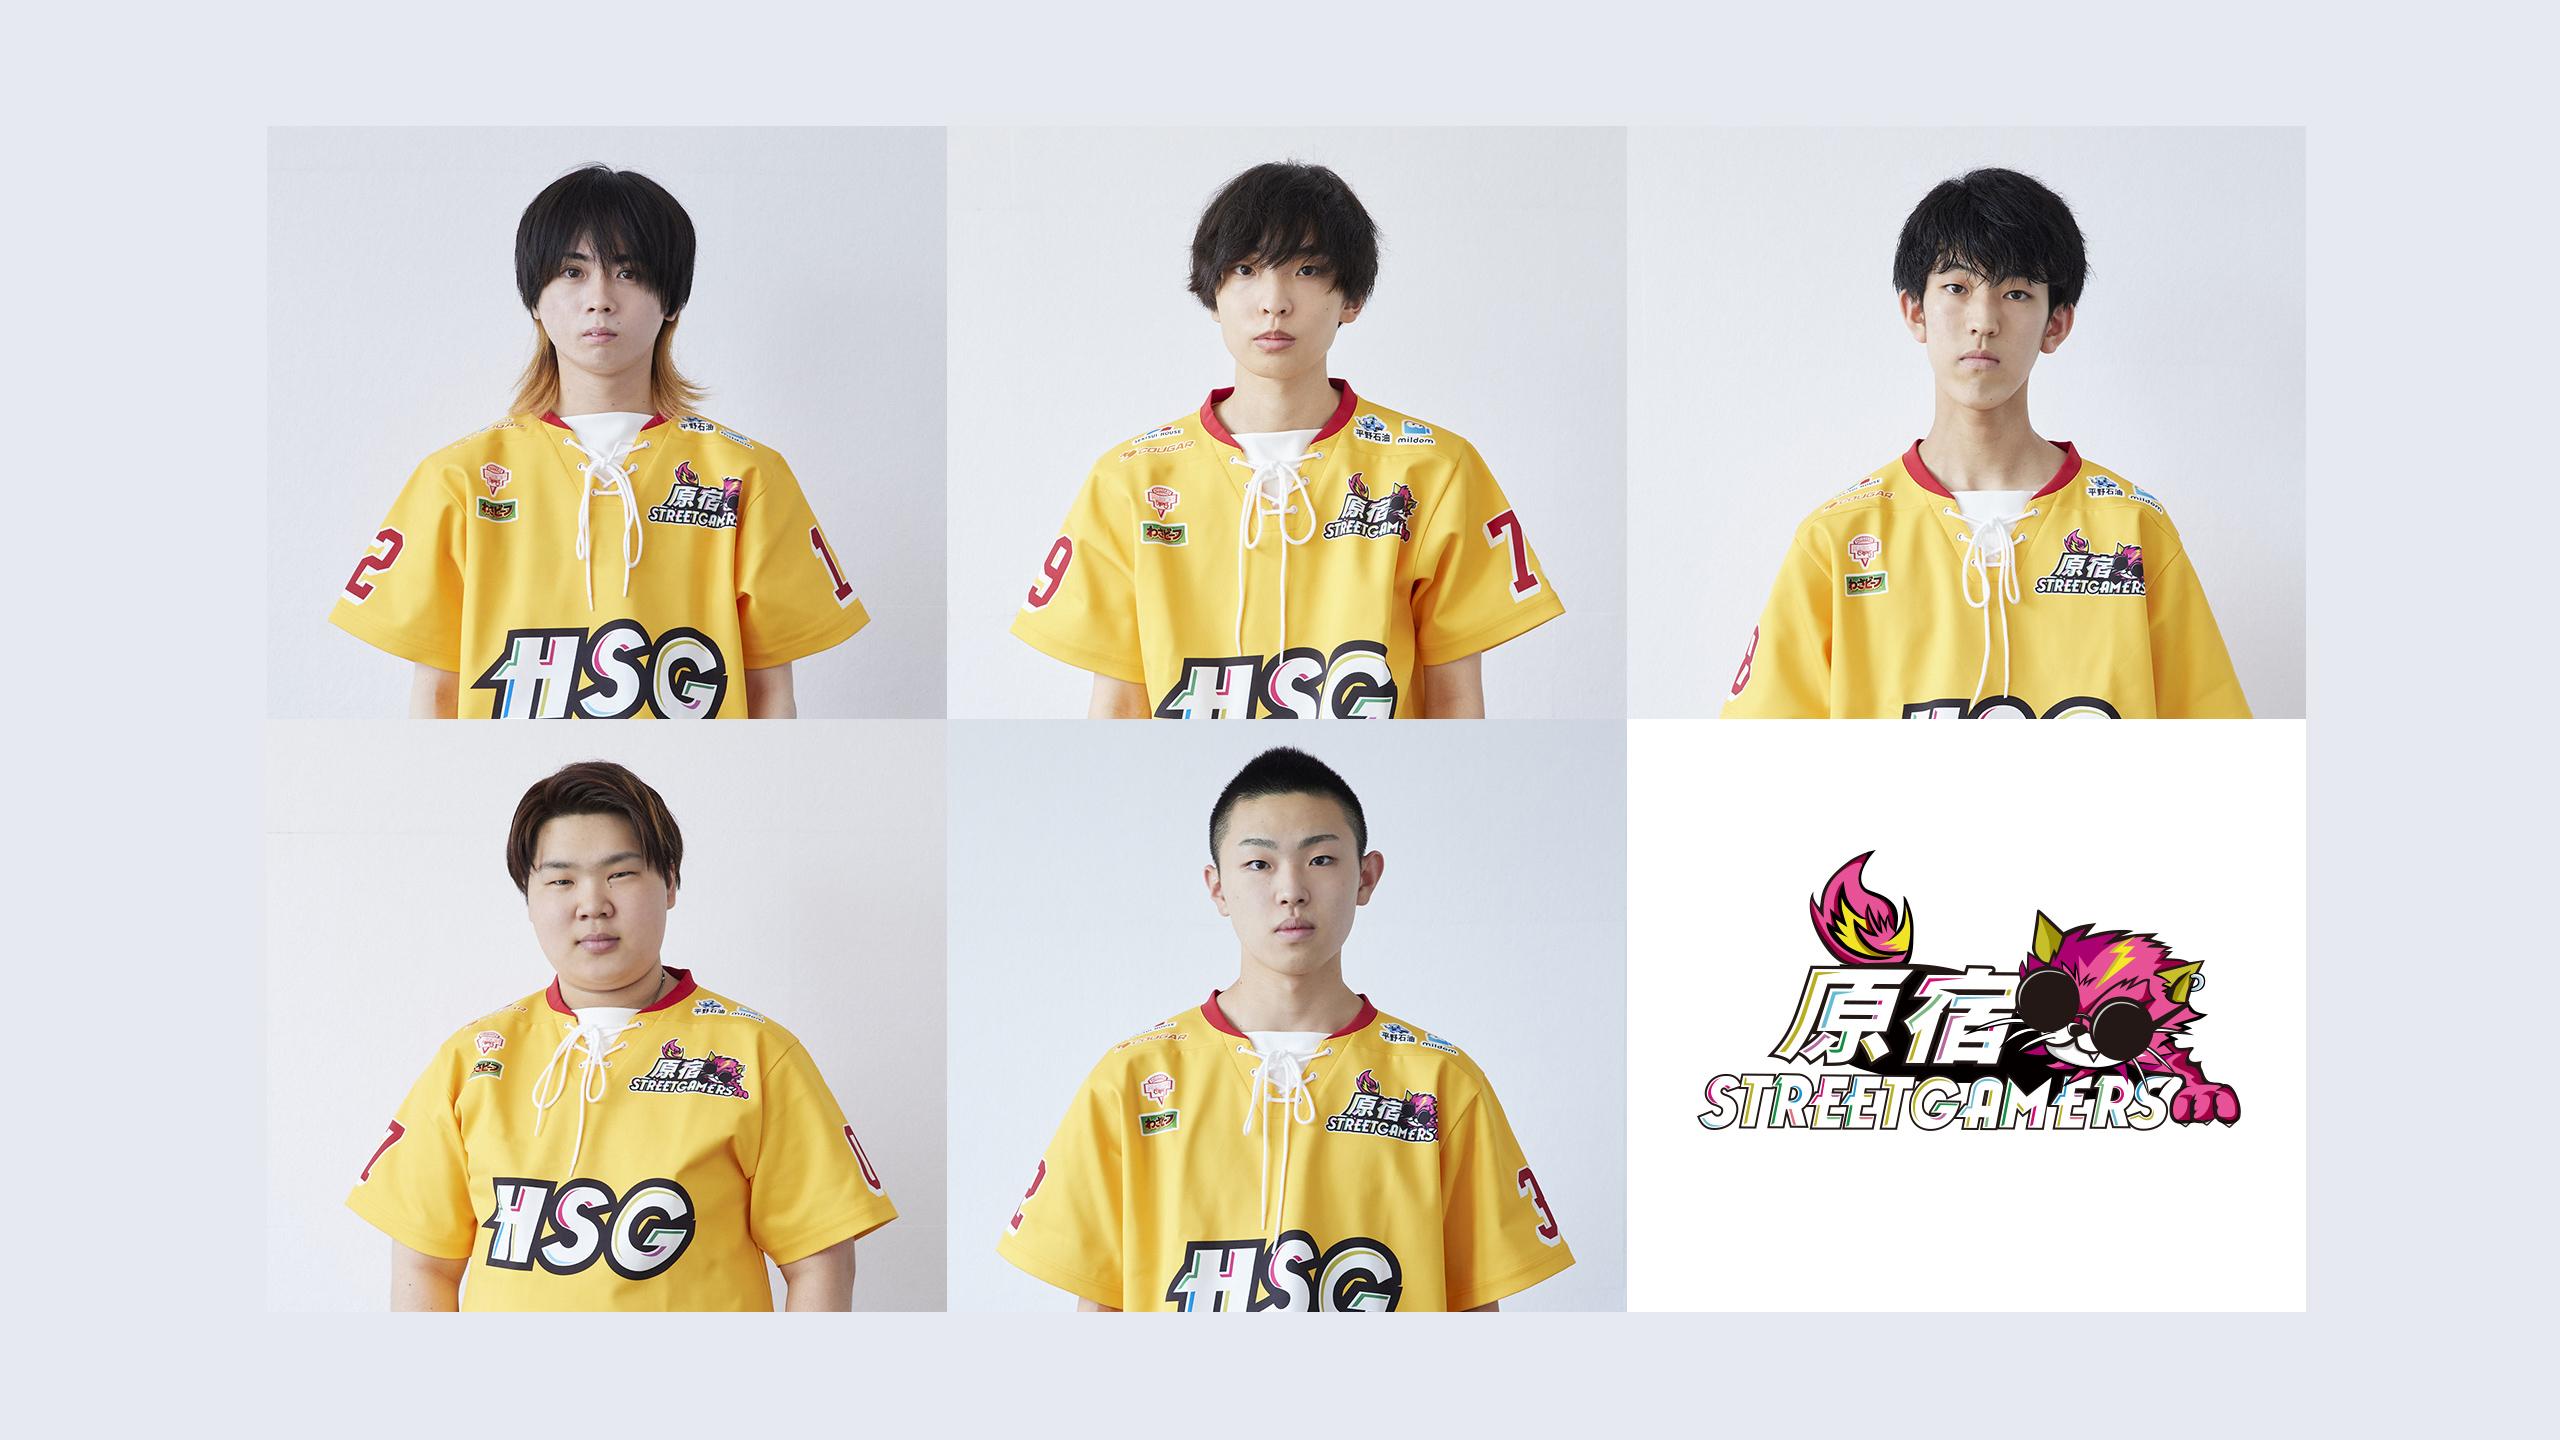 【新ユニ】選手5名+ロゴの6等分